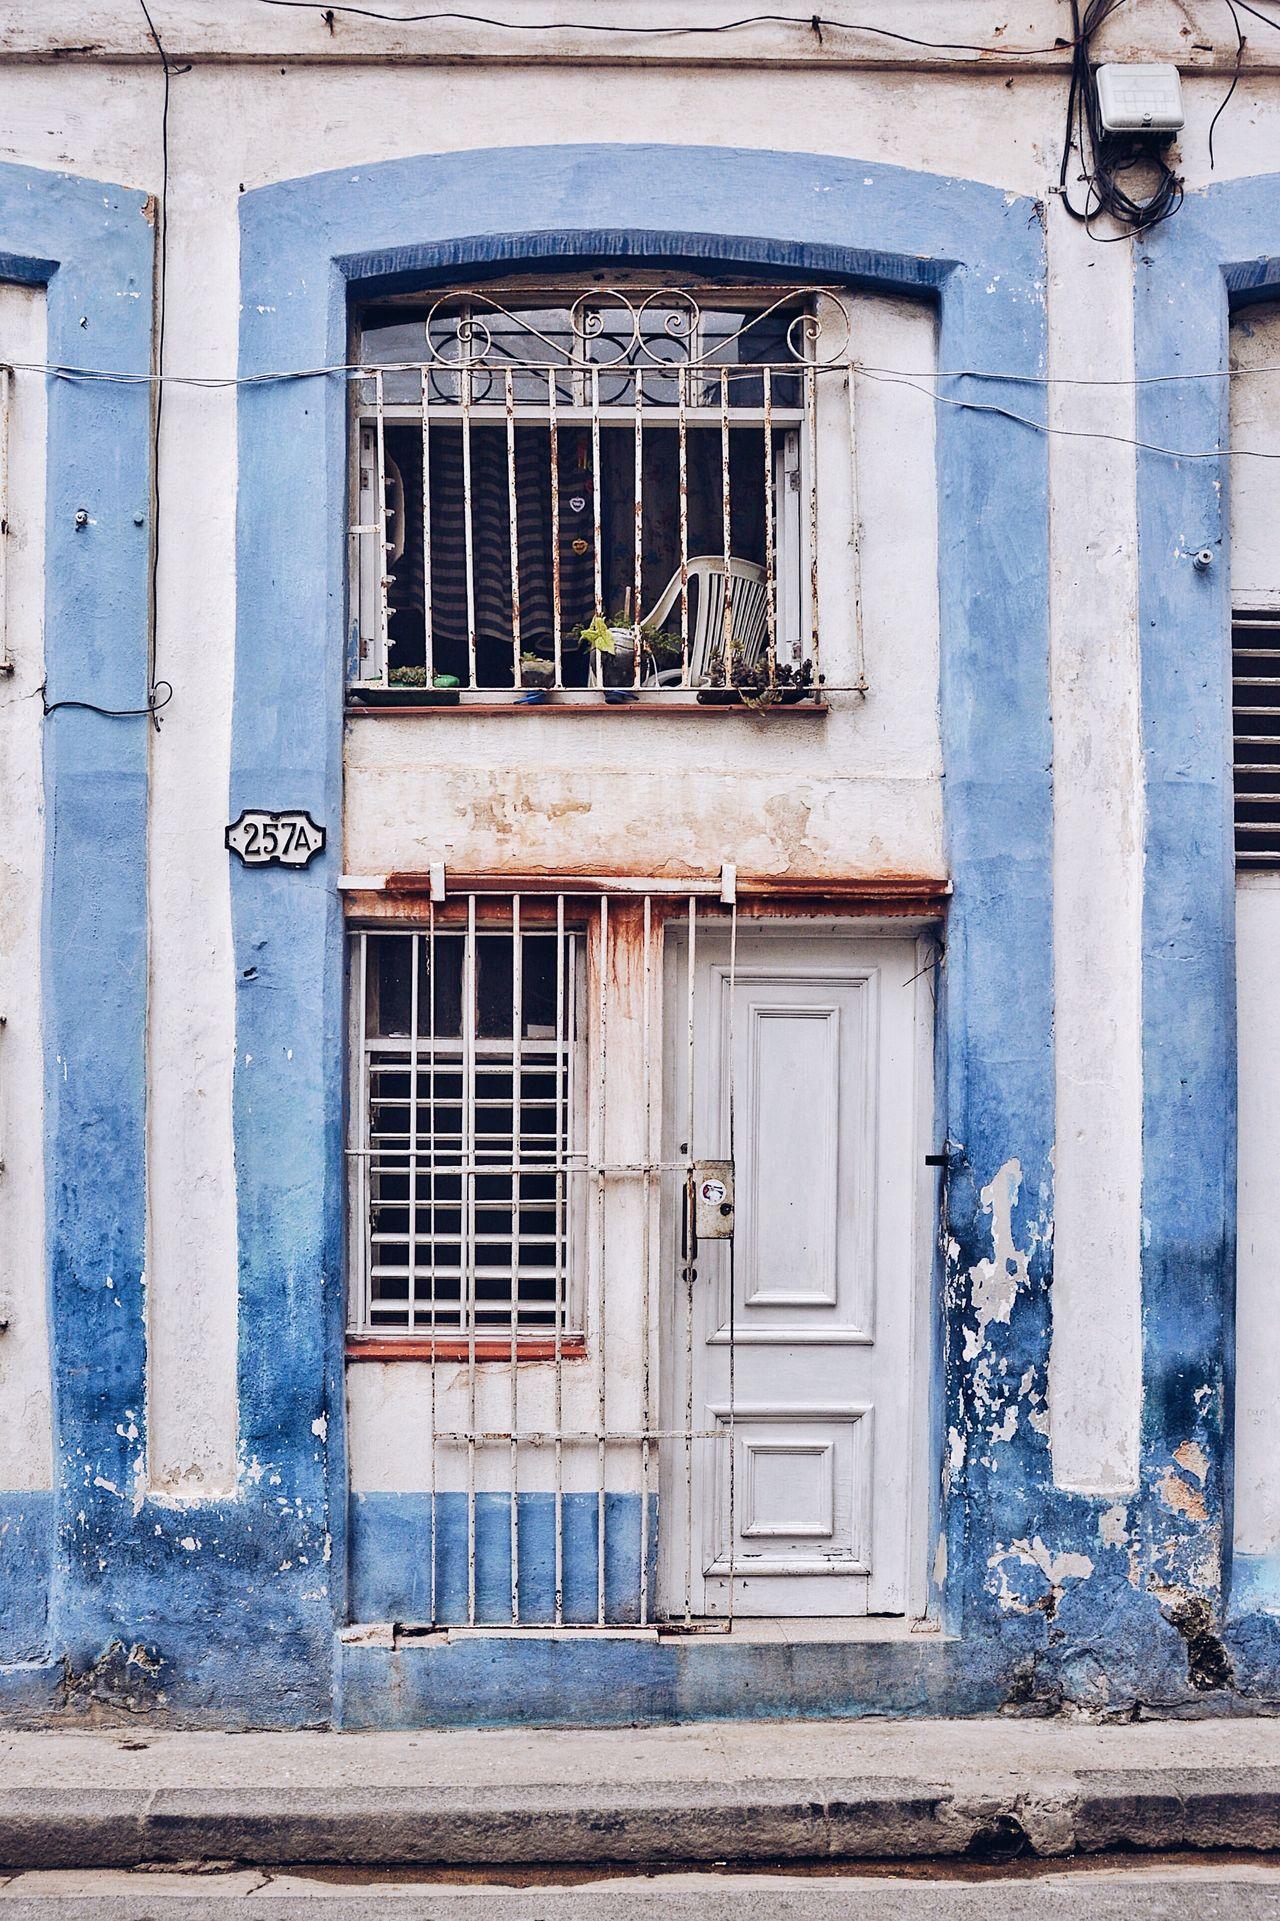 257A Door Building Exterior Window Architecture Built Structure House Residential Building Doorway Façade Next Door Neighborhood Urban Urbanity Cuba Havana City Blue Blue Door